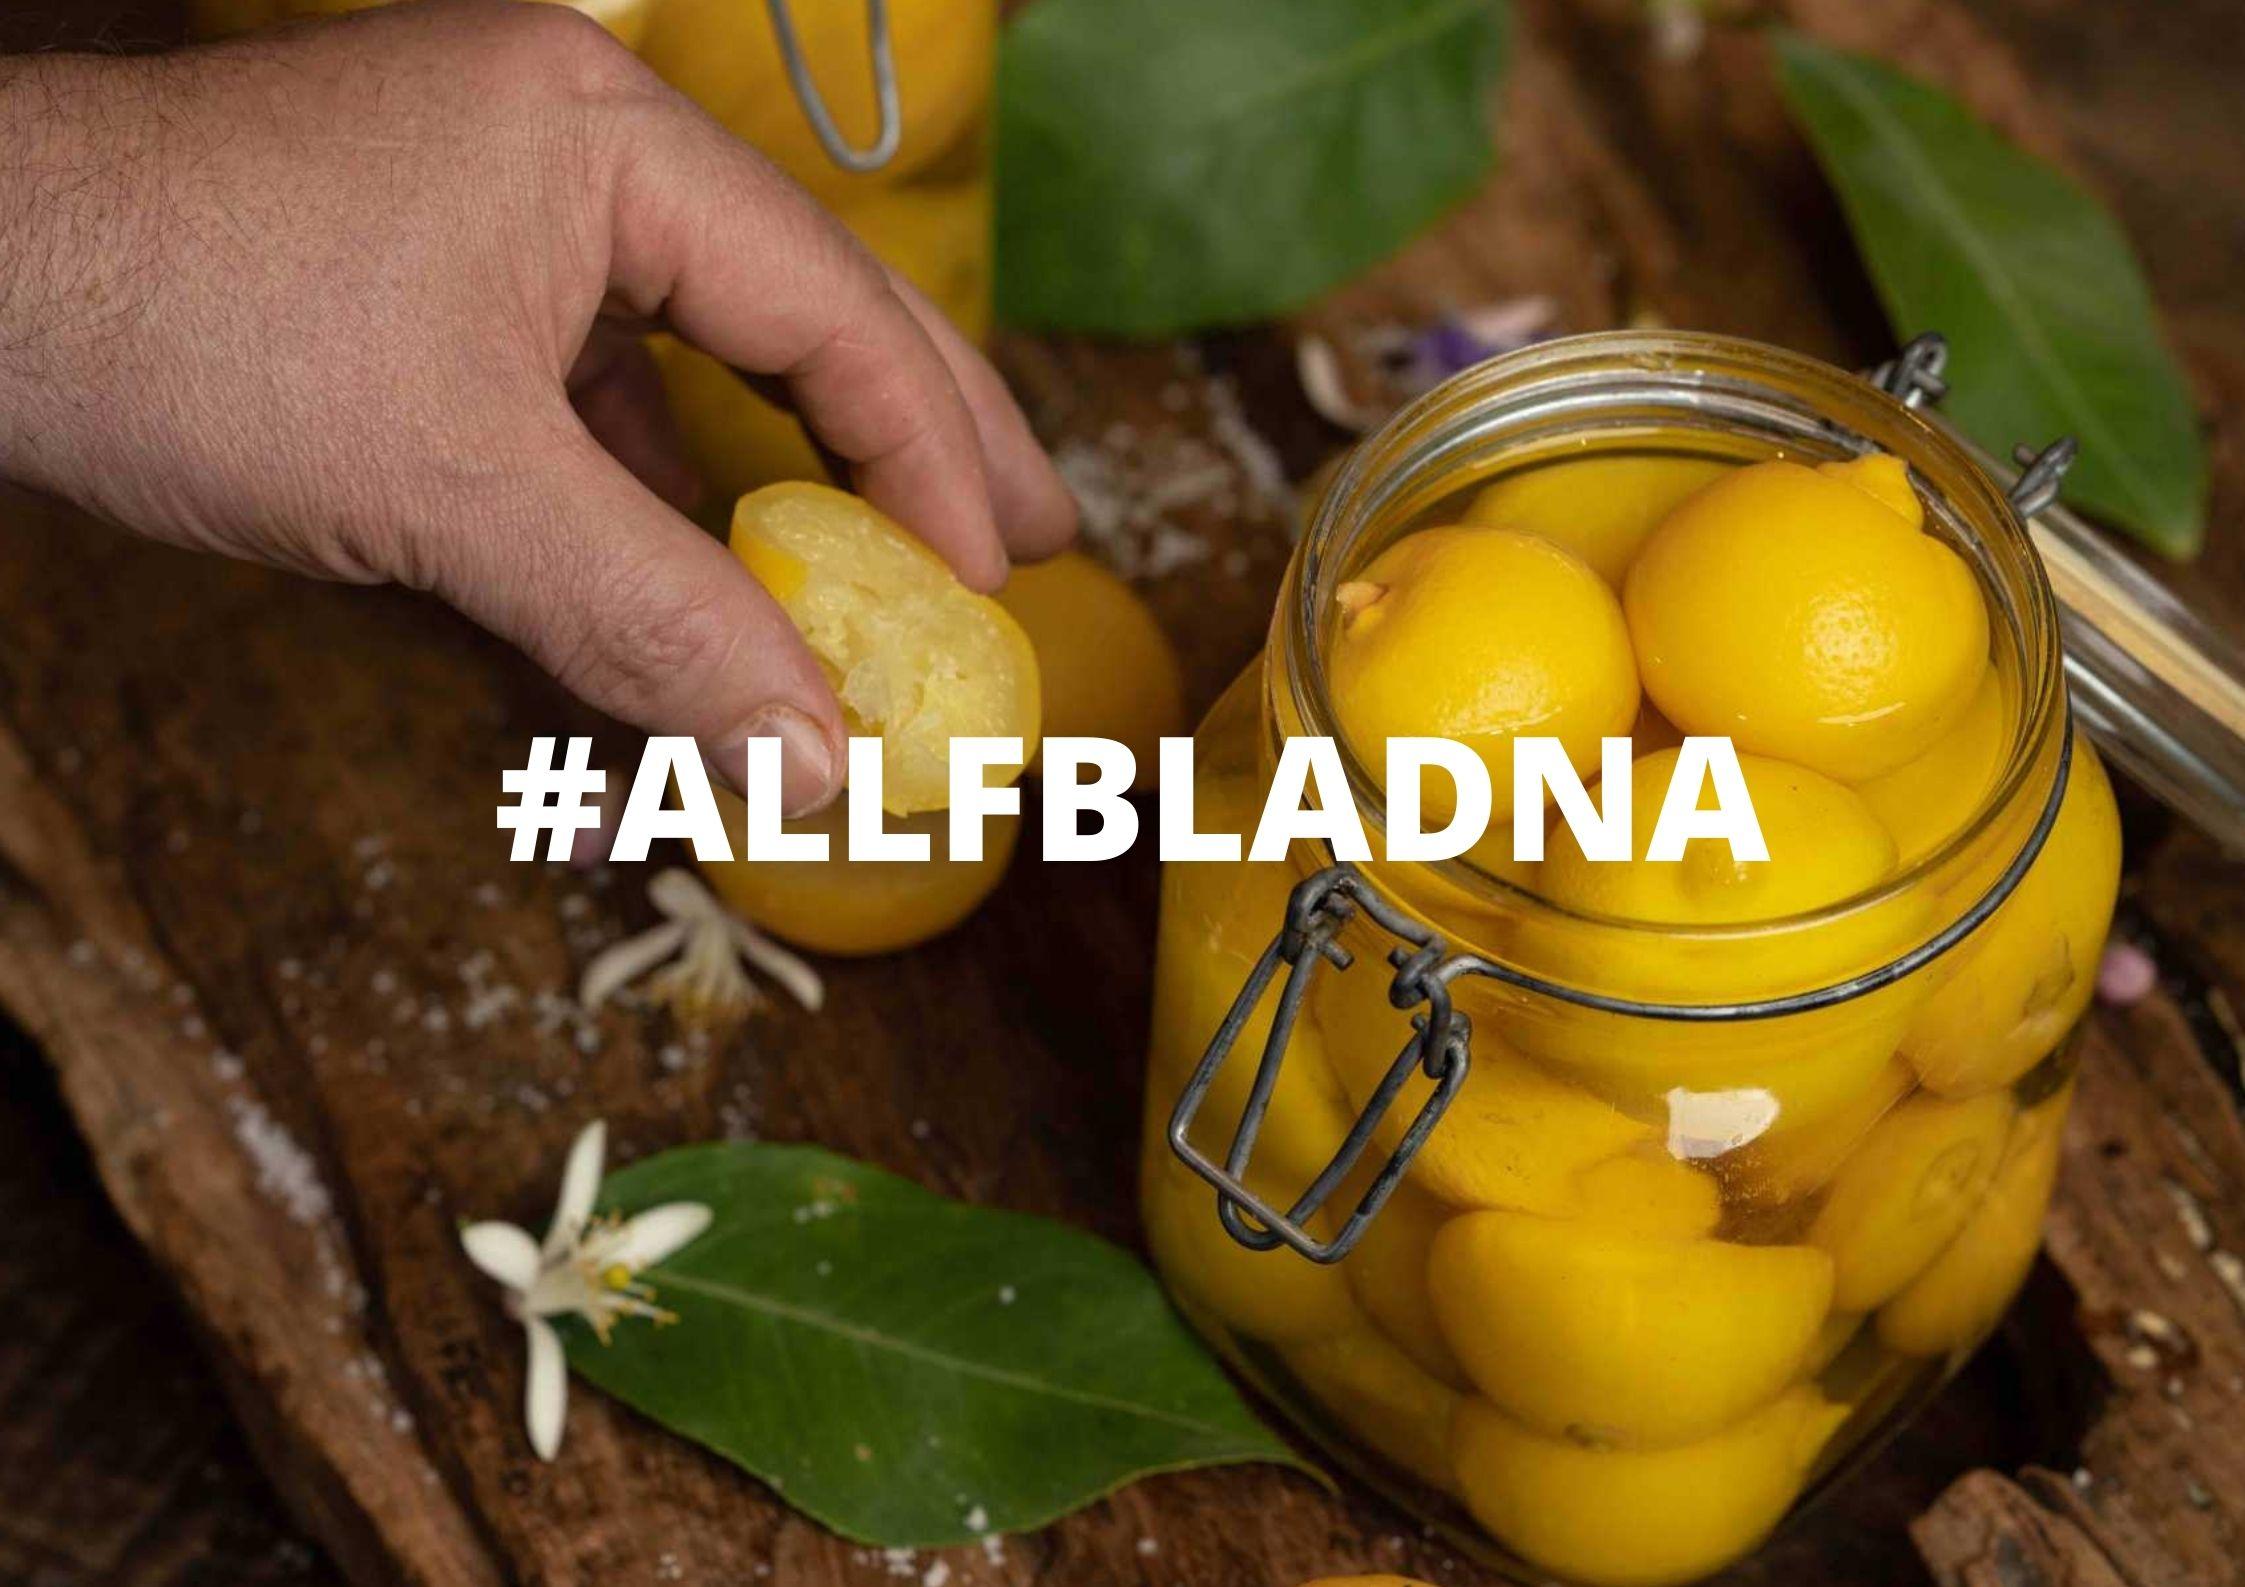 #ALLFBLADNA : le programme d'Accor rend hommage aux régions et terroirs du Maroc